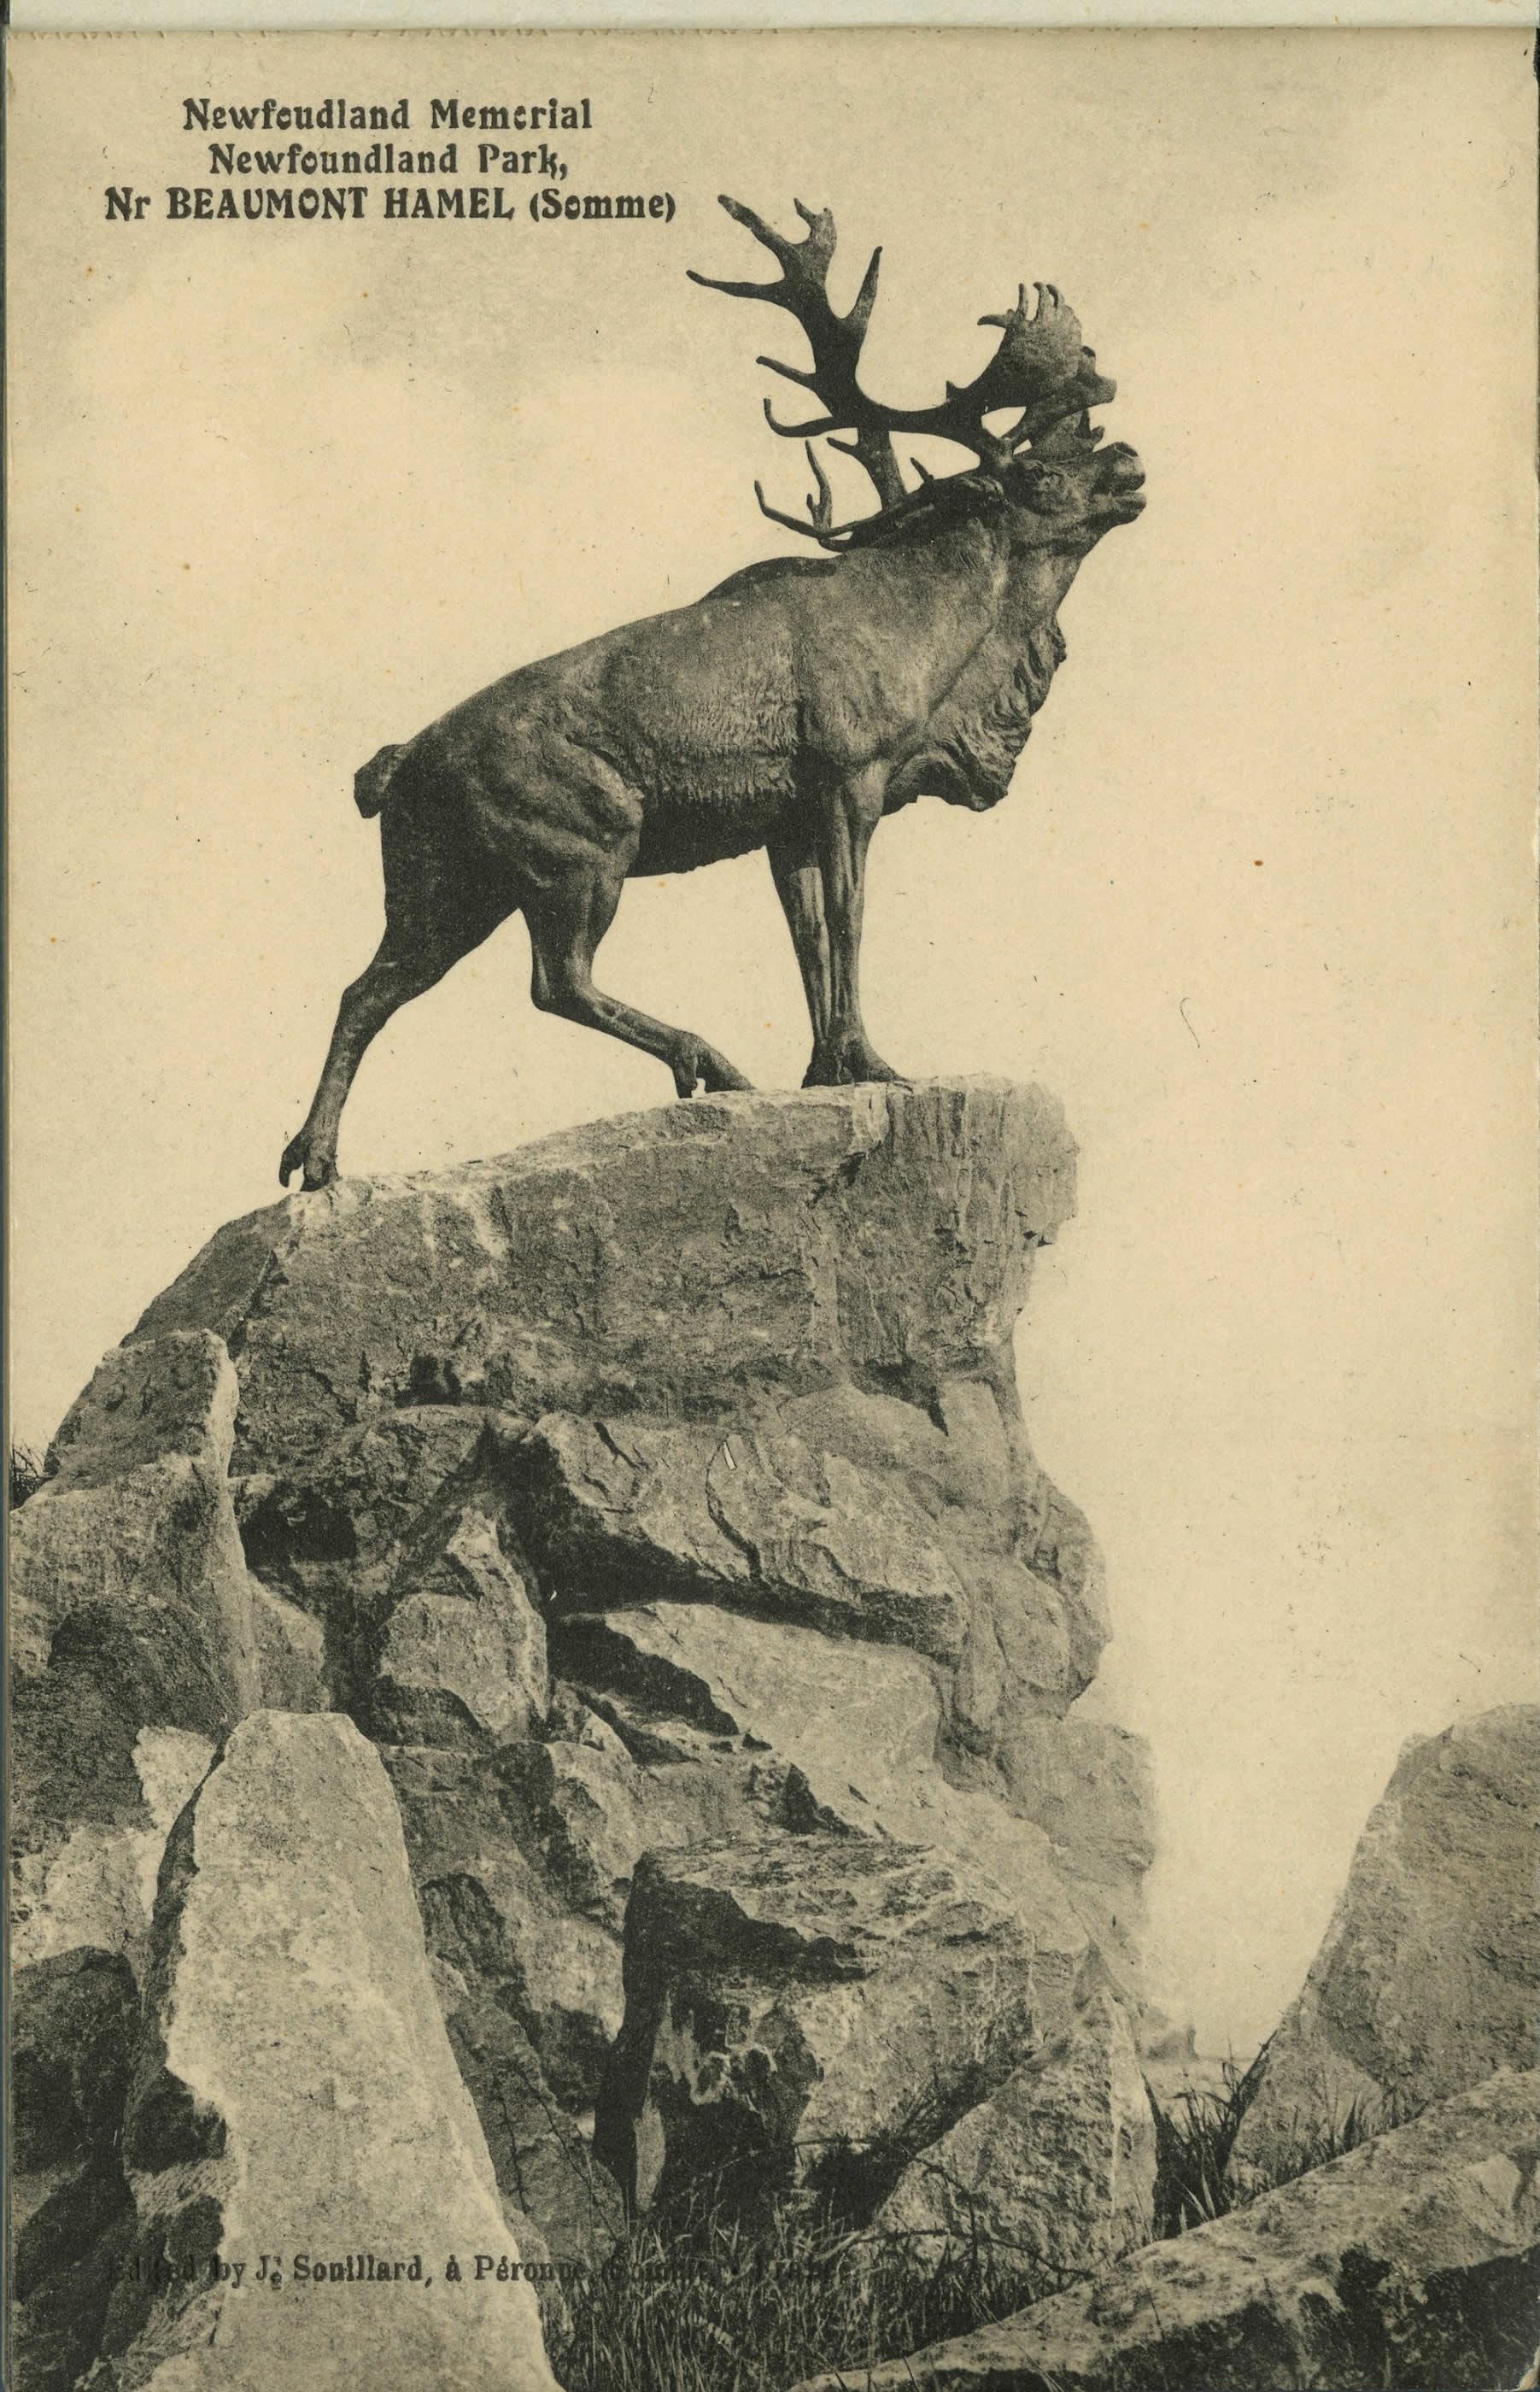 Le caribou de Beaumont-Hamel